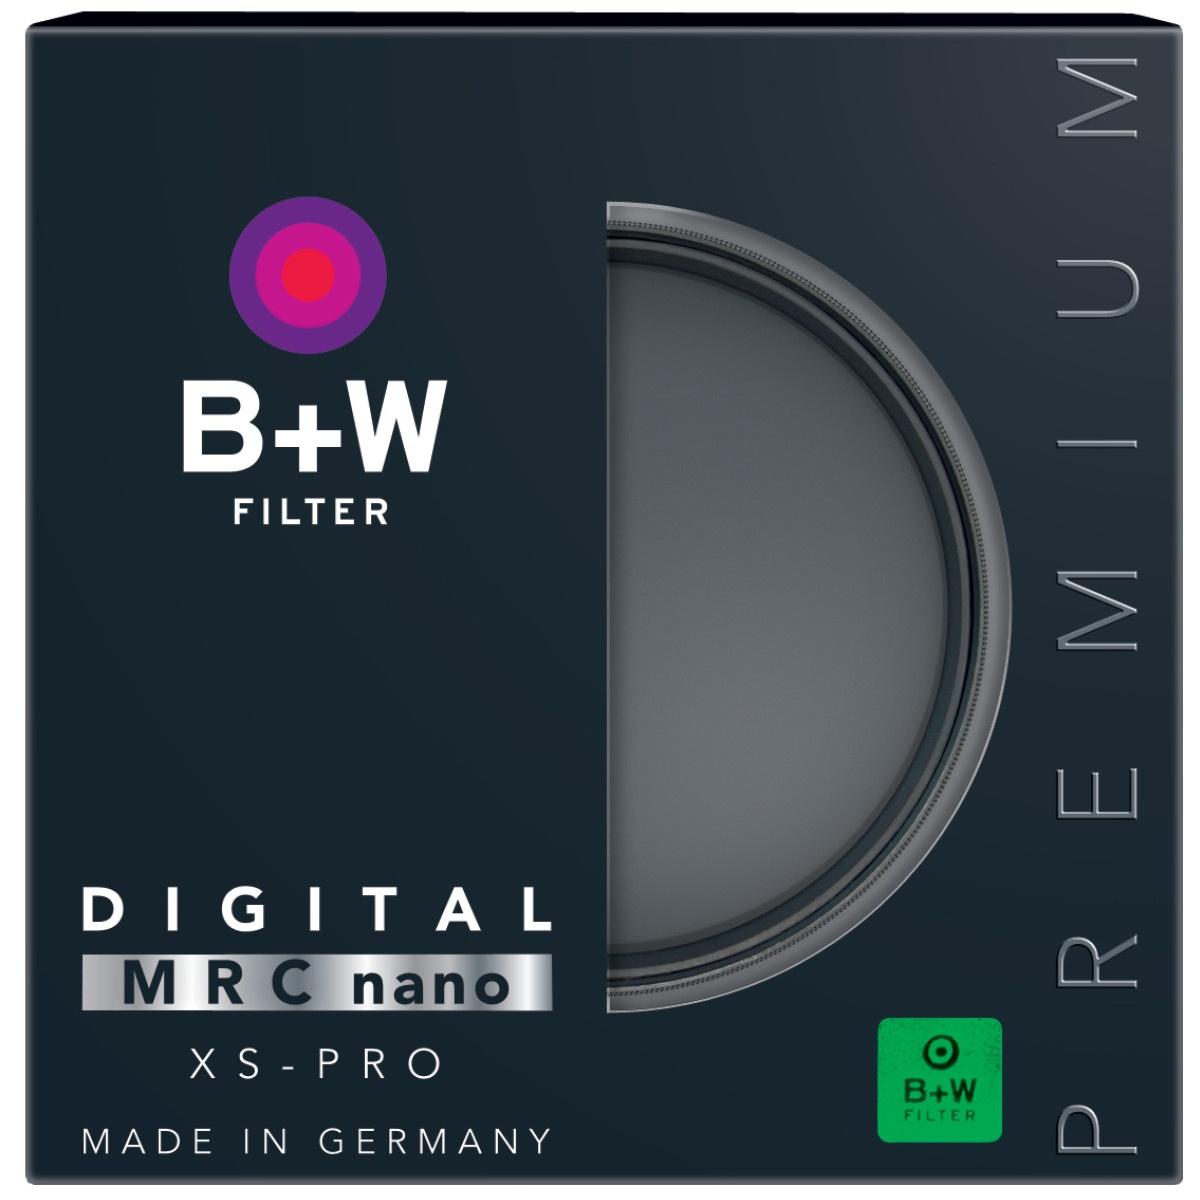 B+W Clear Filter 77 mm XS-Pro